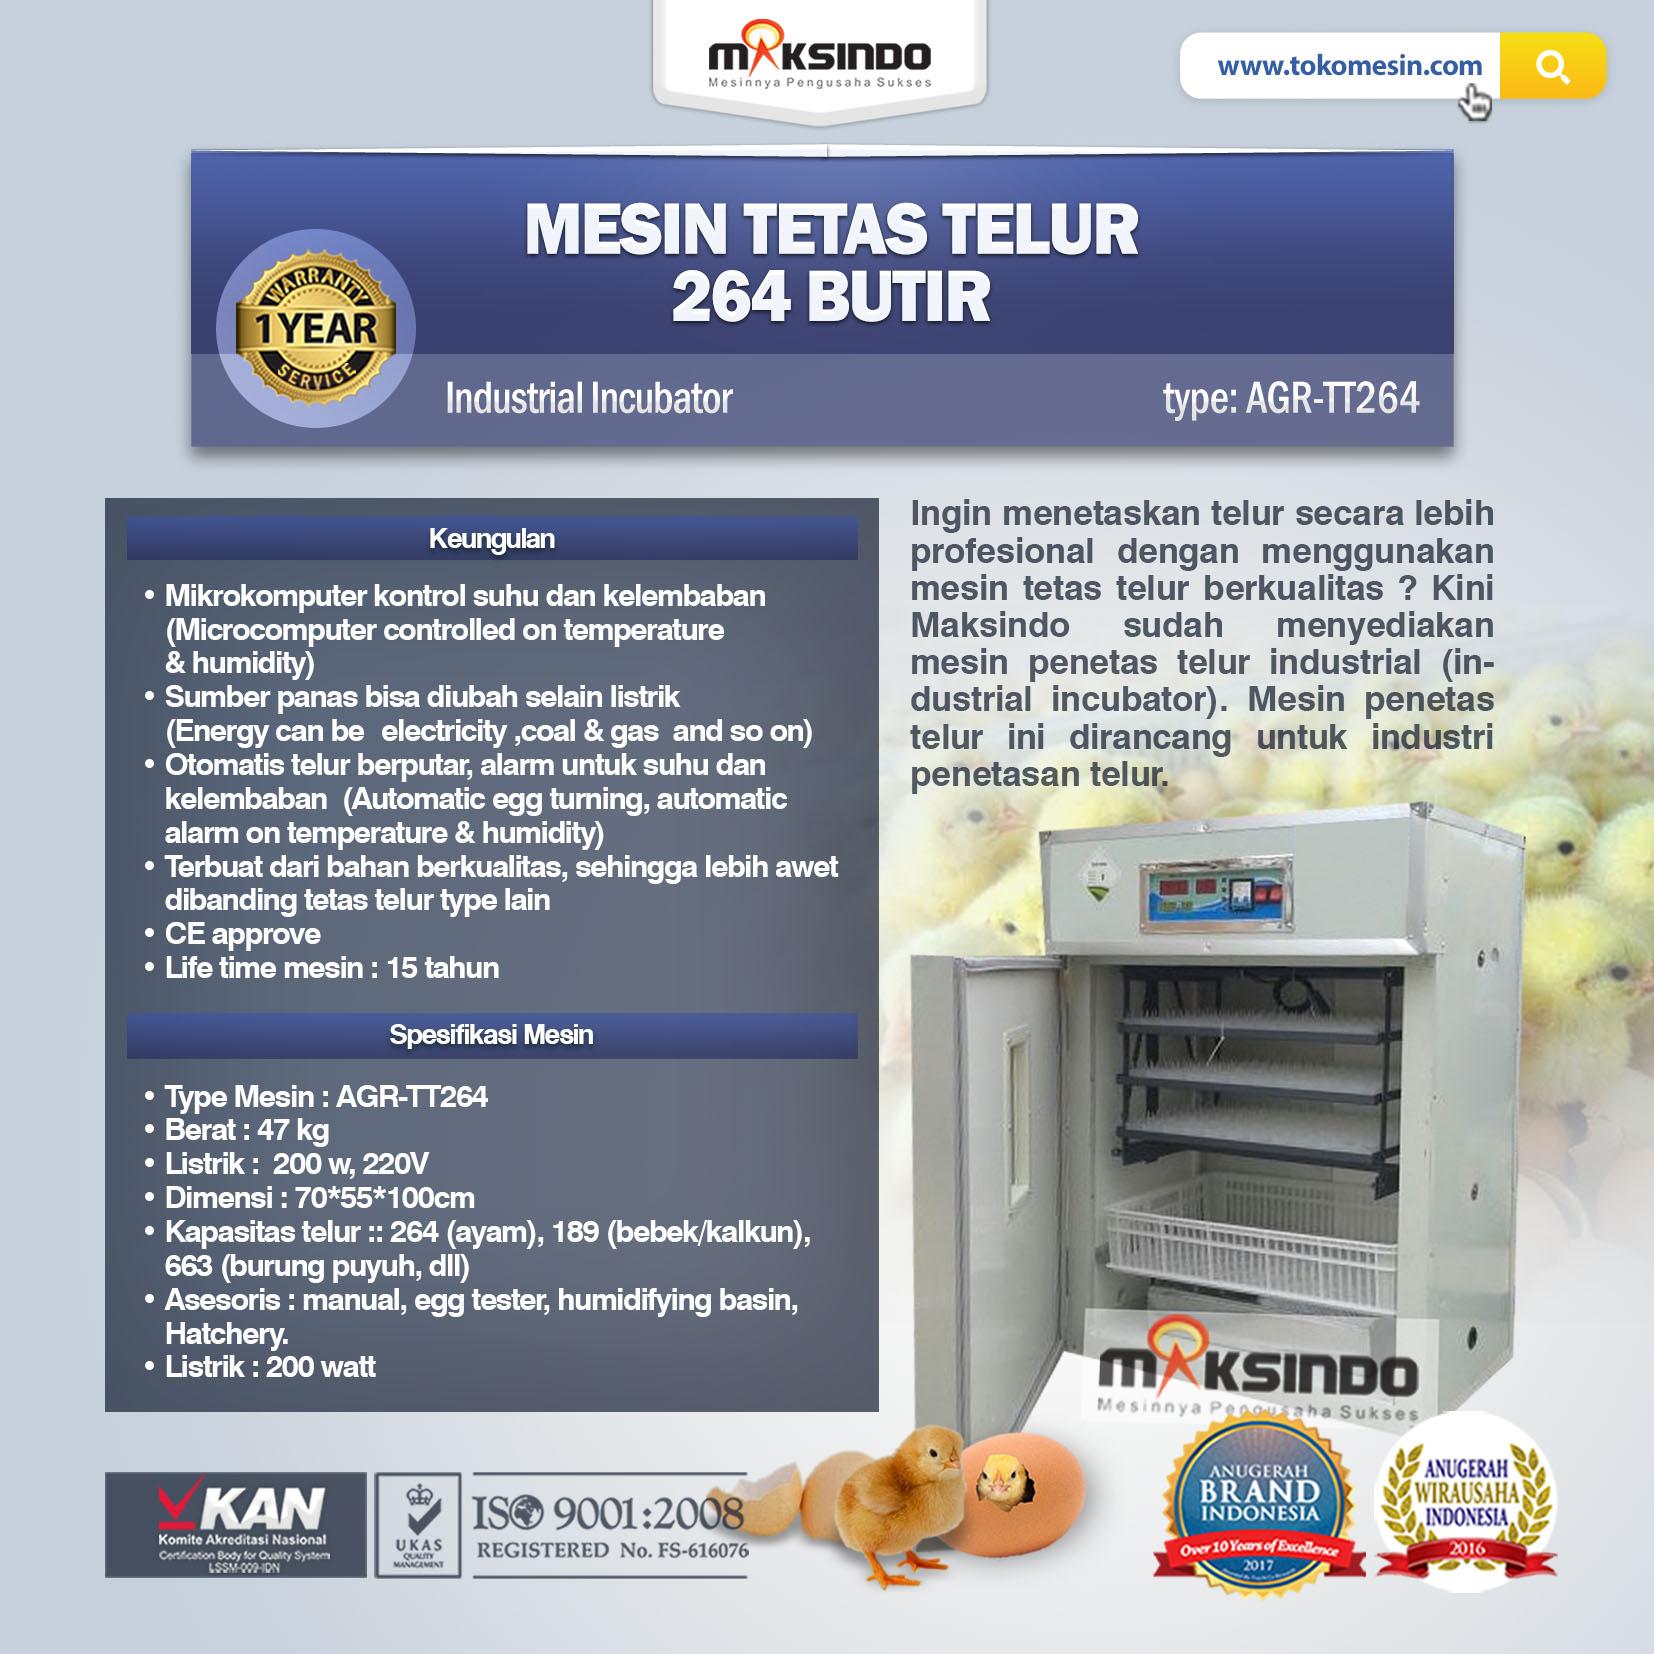 Jual Mesin Tetas Telur Industri 264 Butir (Industrial Incubator) di Bekasi